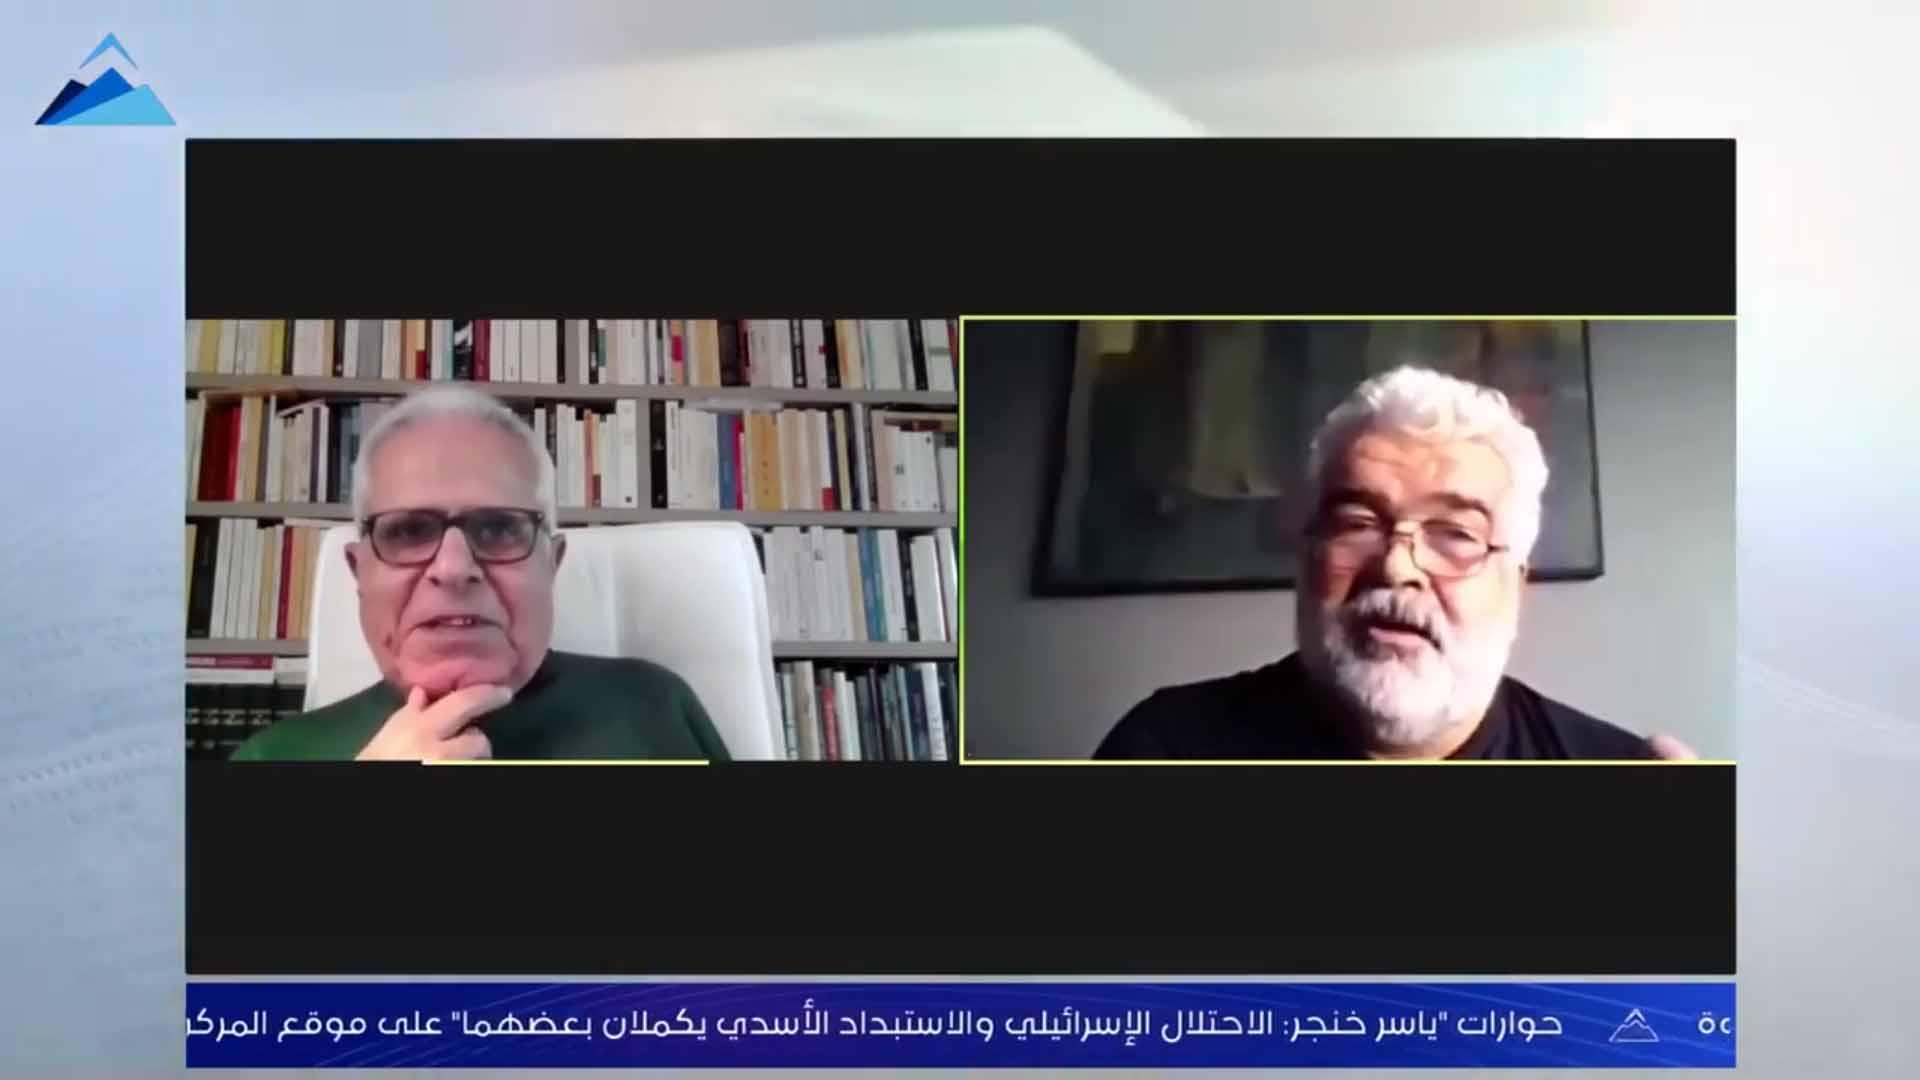 """الروائي خالد خليفة يناقش """"ثنائية الحب والموت"""" في المقهى الثقافي"""